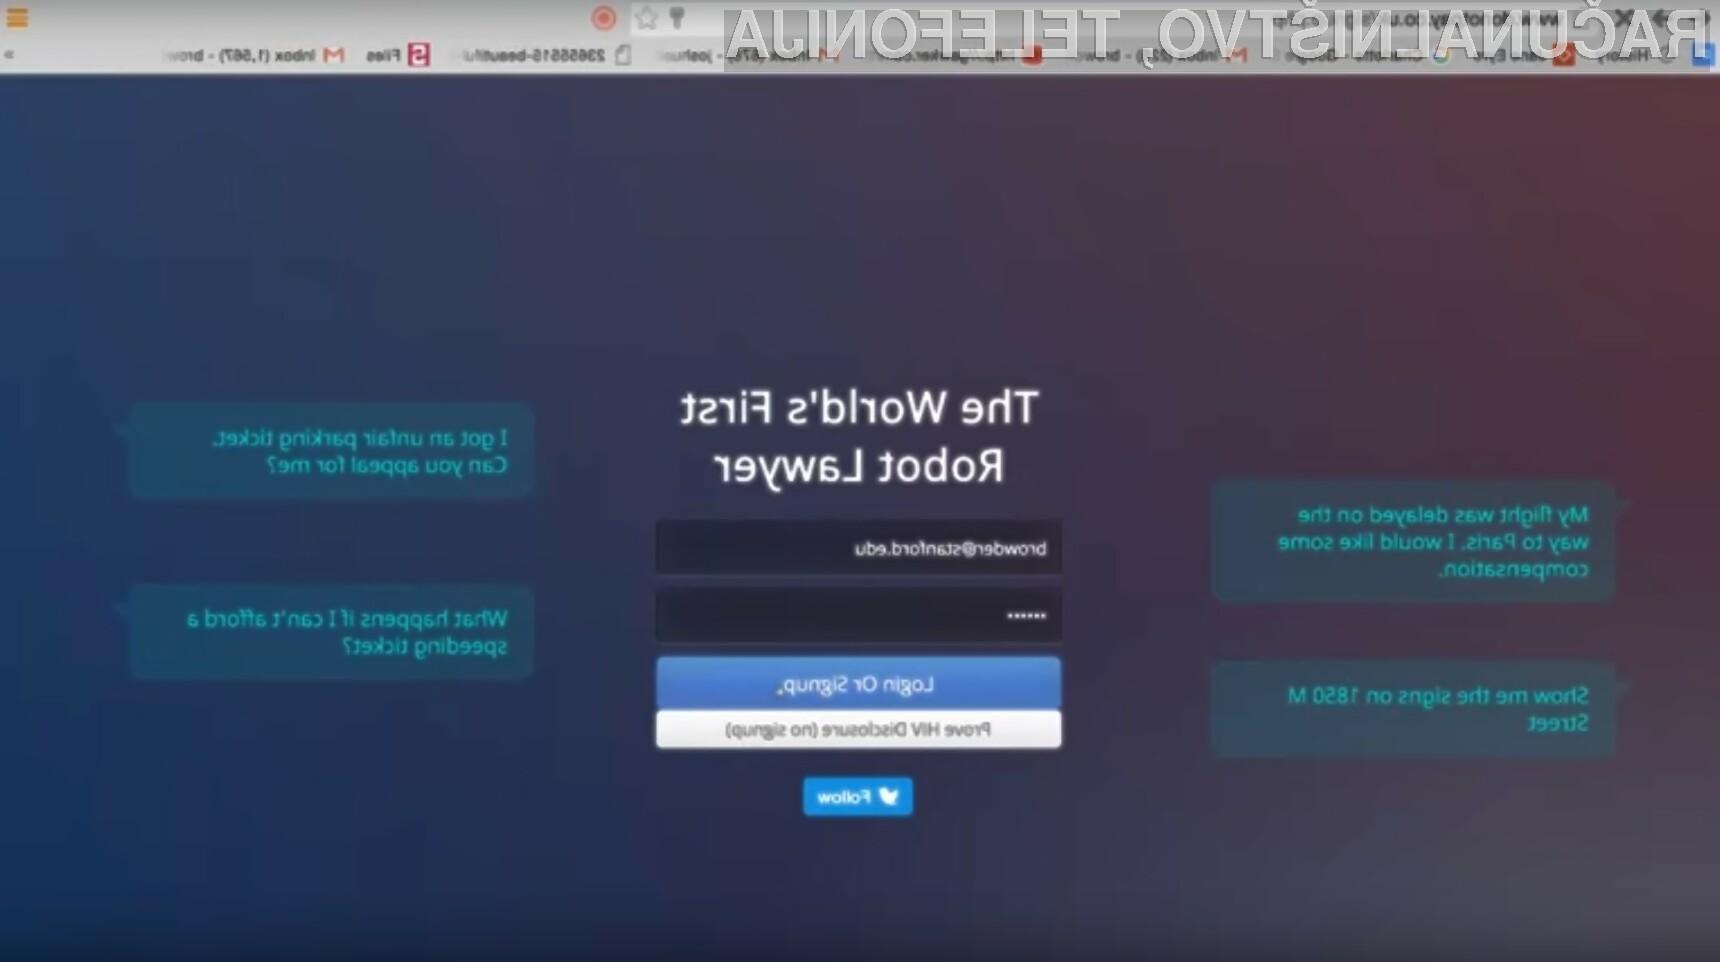 Uspešnost robota odvetnika je v praksi presenetljivo dobra!